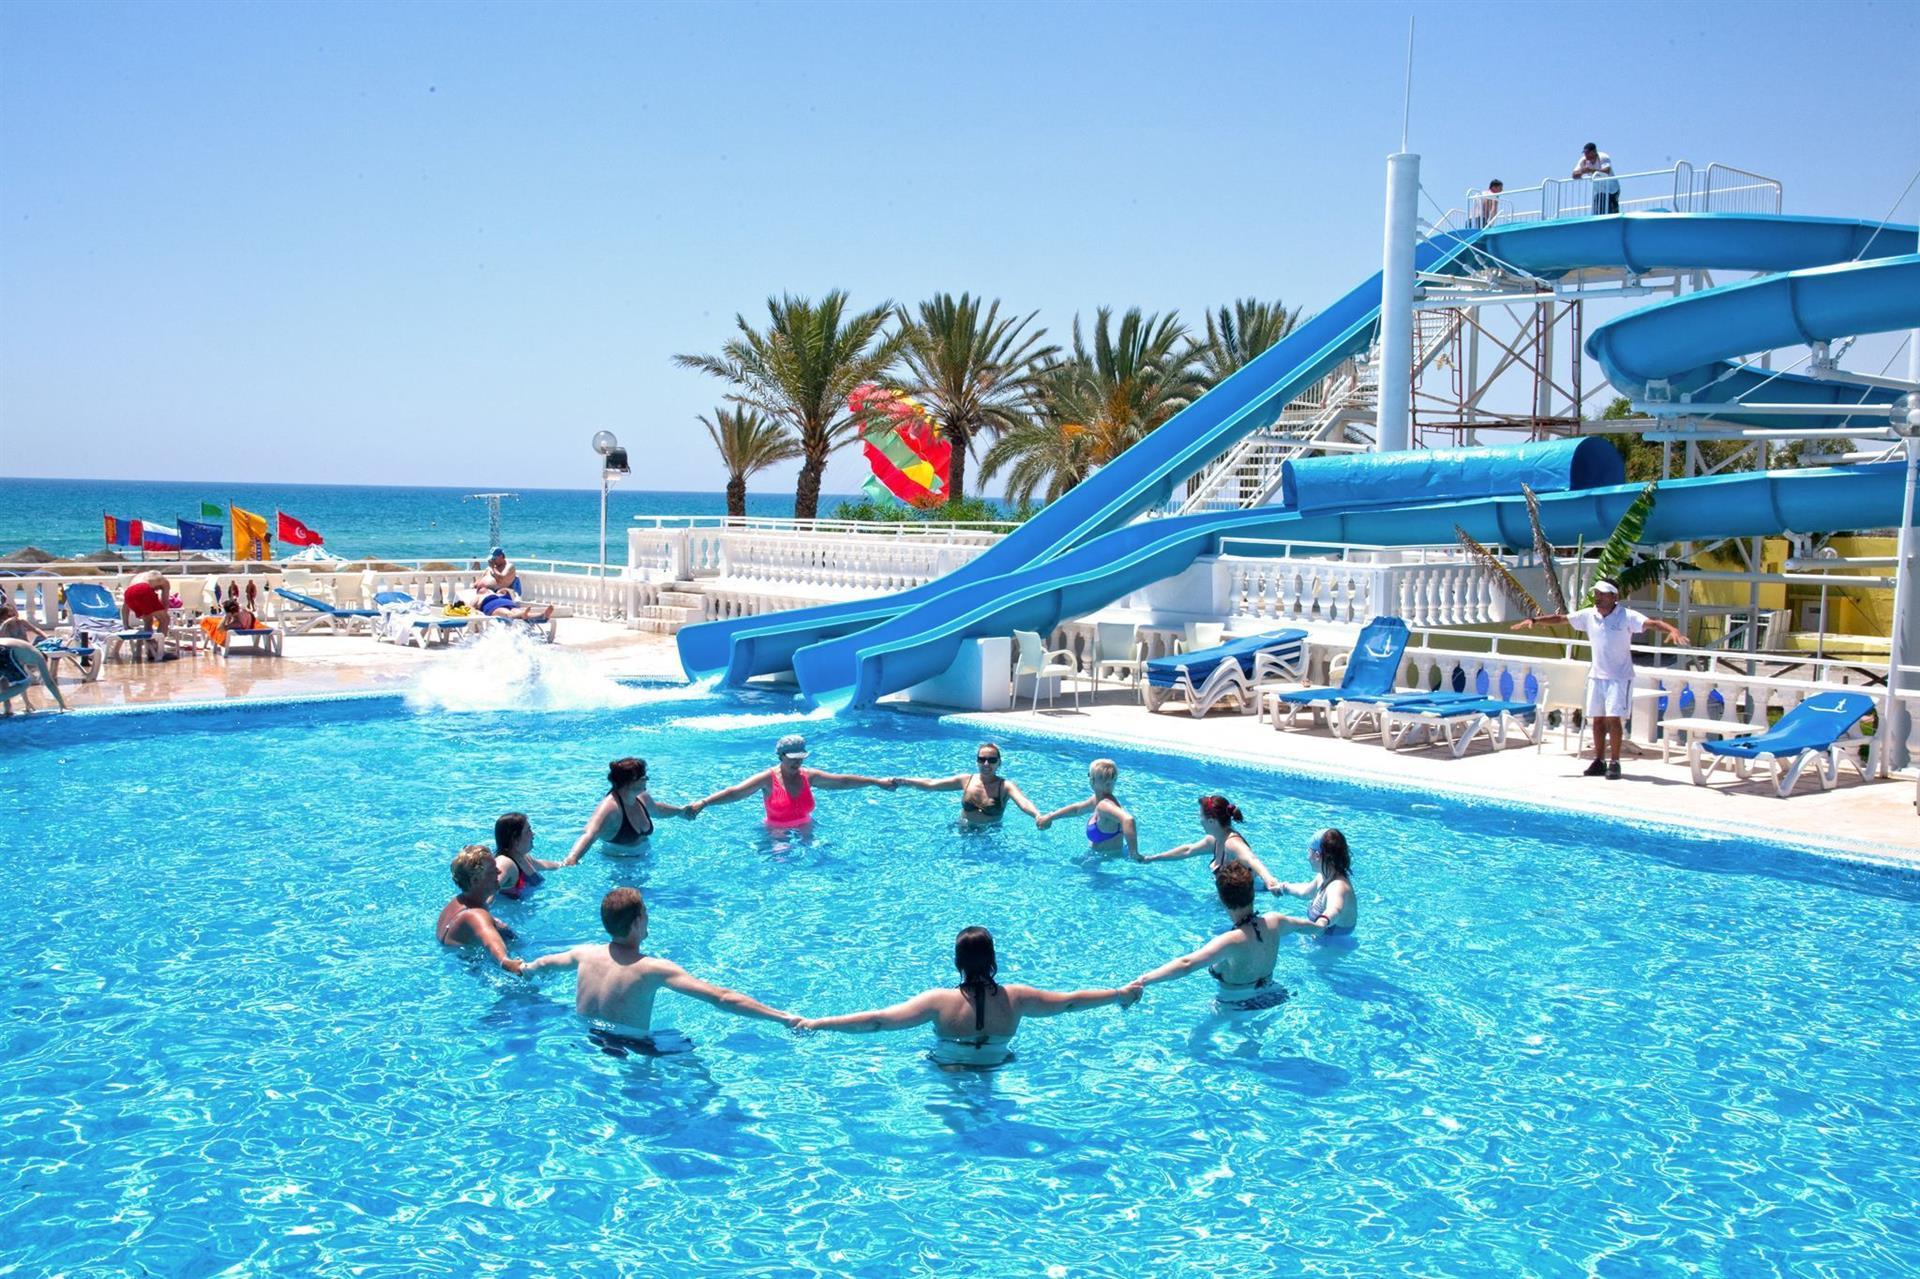 отель самира клаб в тунисе фото почему дальняя